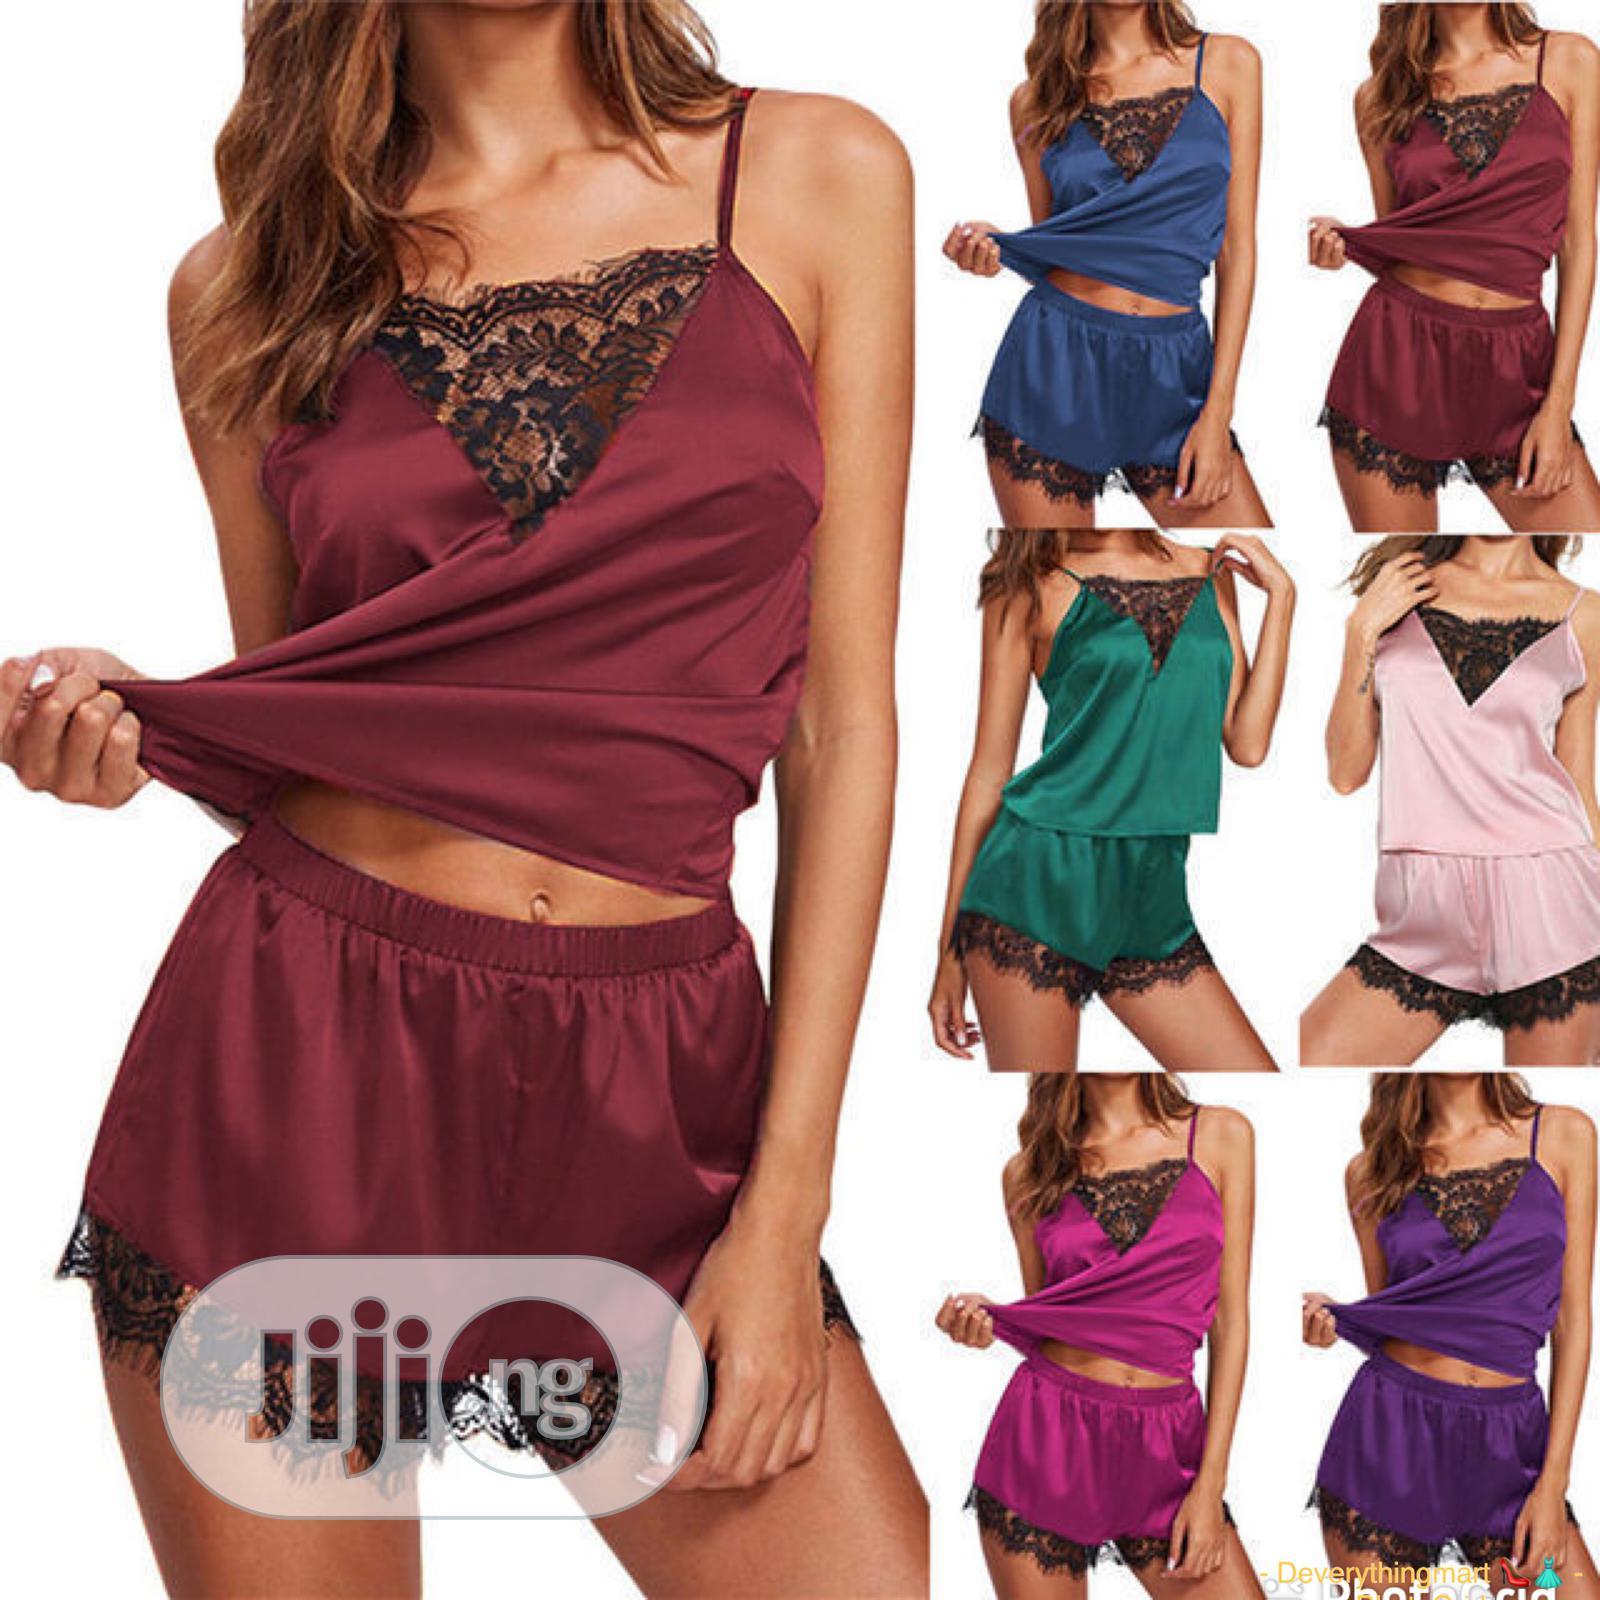 Sexy Lace Short & Singlet Lingerie Set